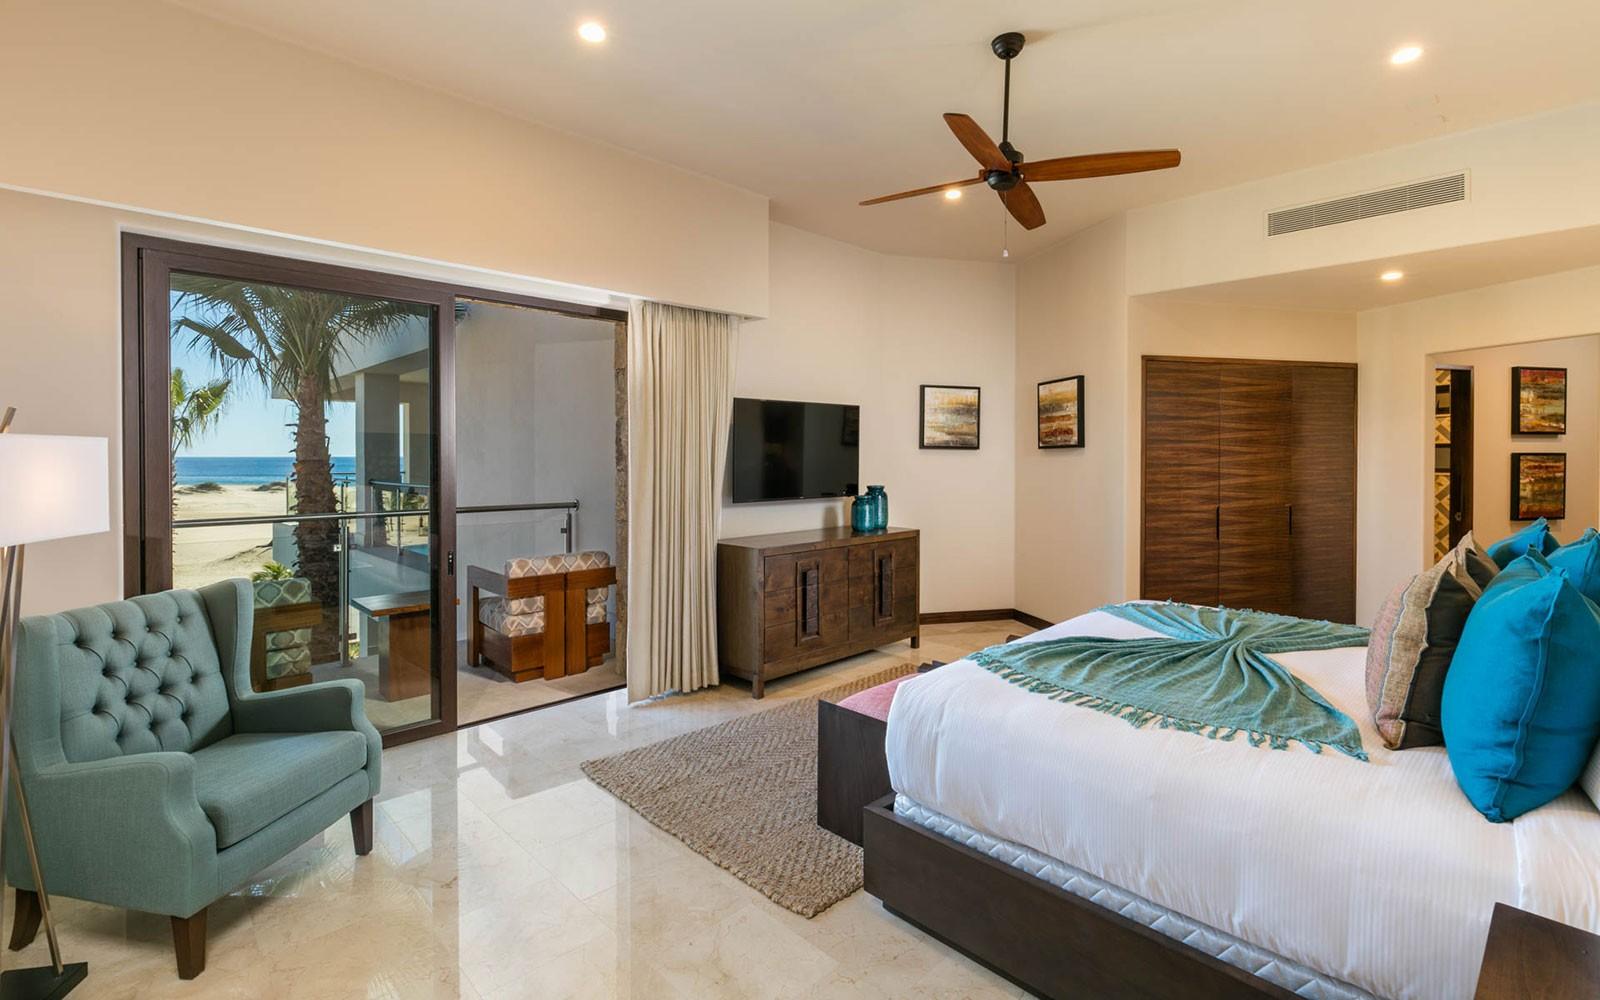 golf-diamante-real-estate-ocr-3-bedroom-017